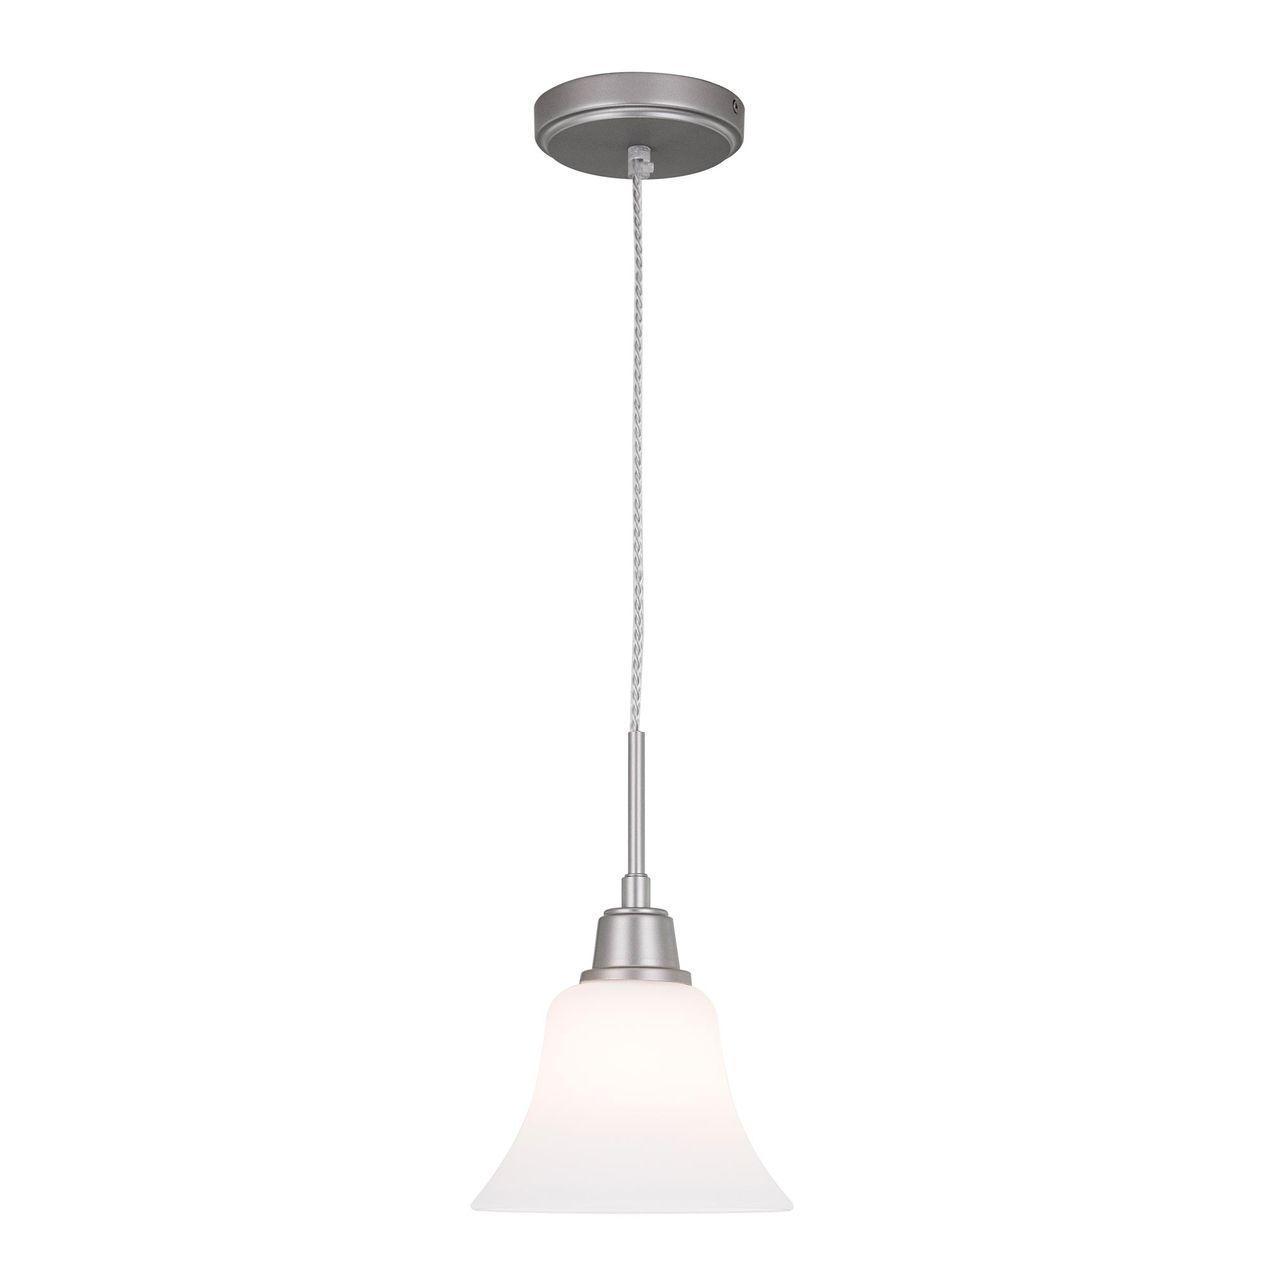 Подвесной светильник Citilux Модерн CL560111 citilux подвесной светильник citilux модерн cl560110